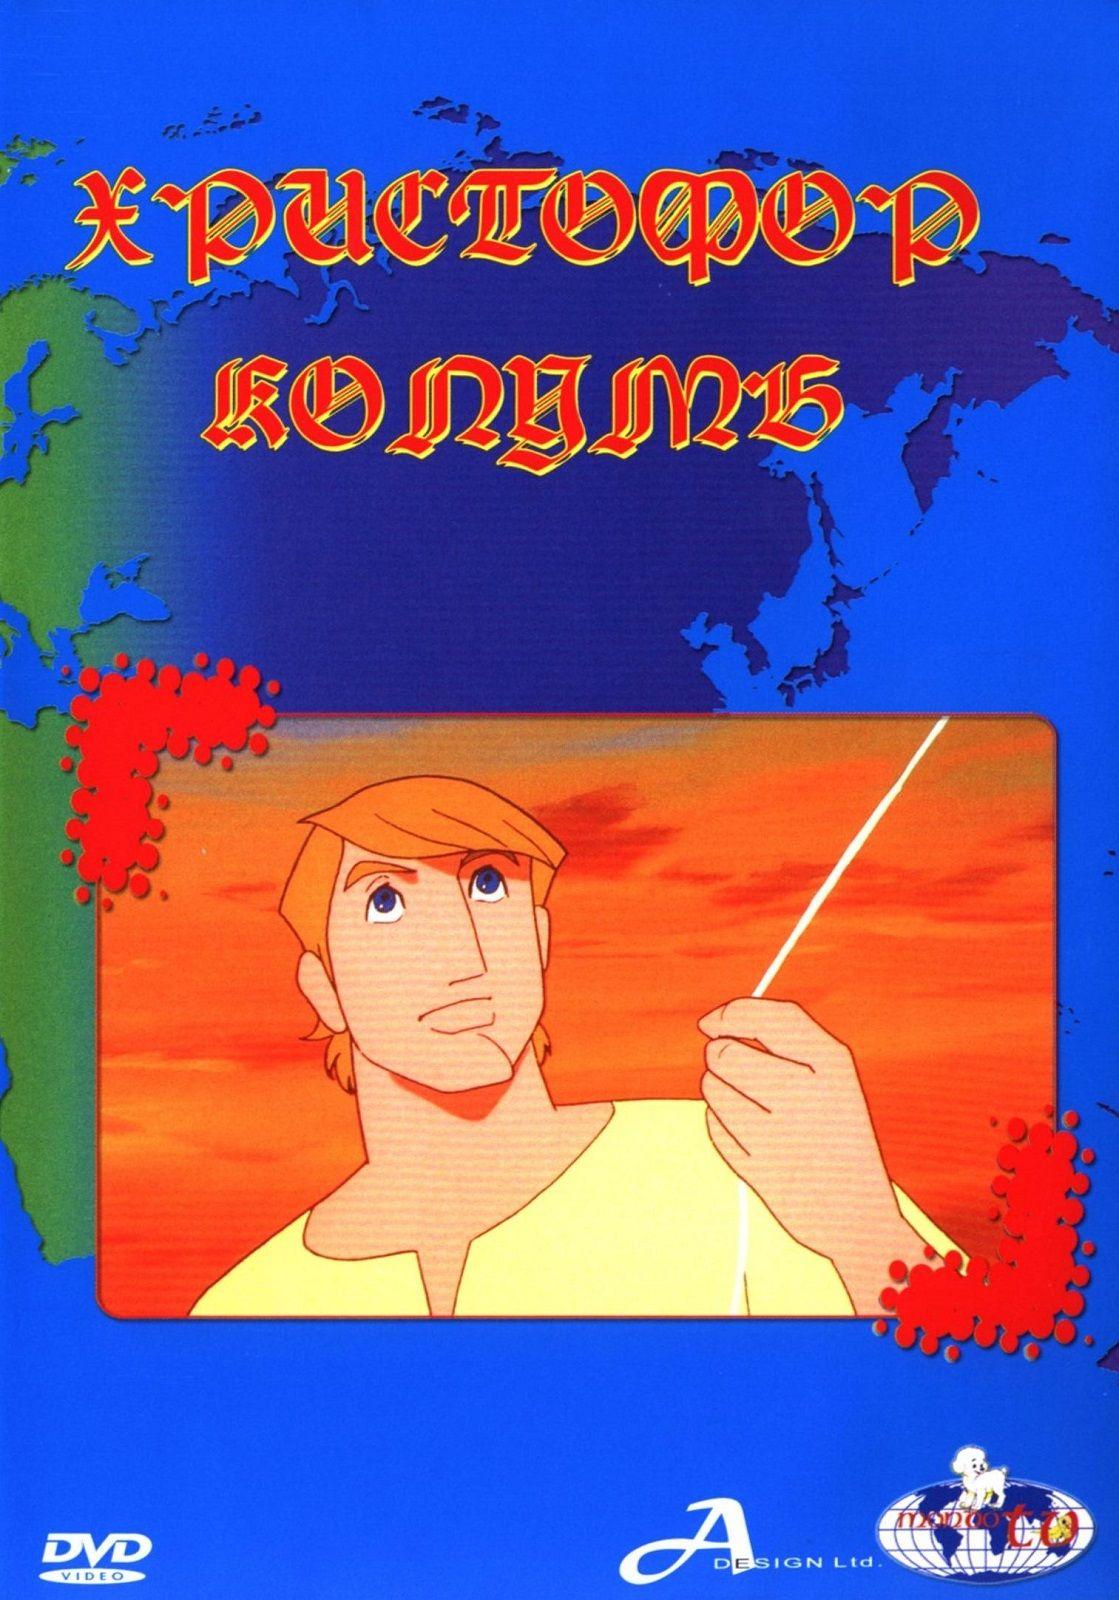 Христофор Колумб (DVD) - 1